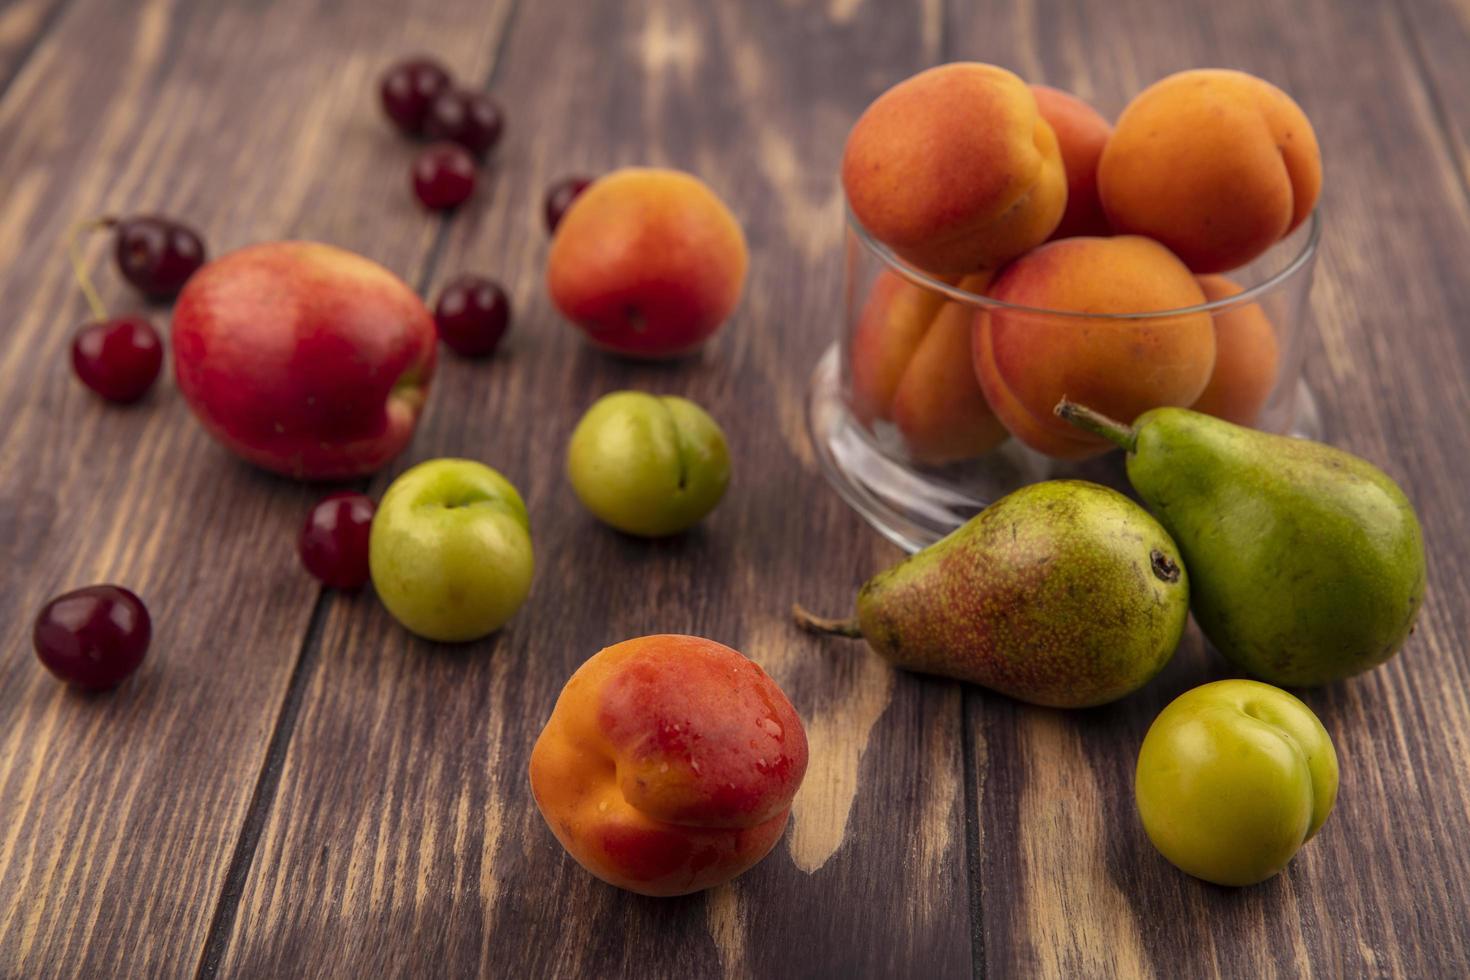 Vista lateral del patrón de frutas como melocotón, cerezas, ciruelas, peras y tarro de albaricoques sobre fondo de madera foto